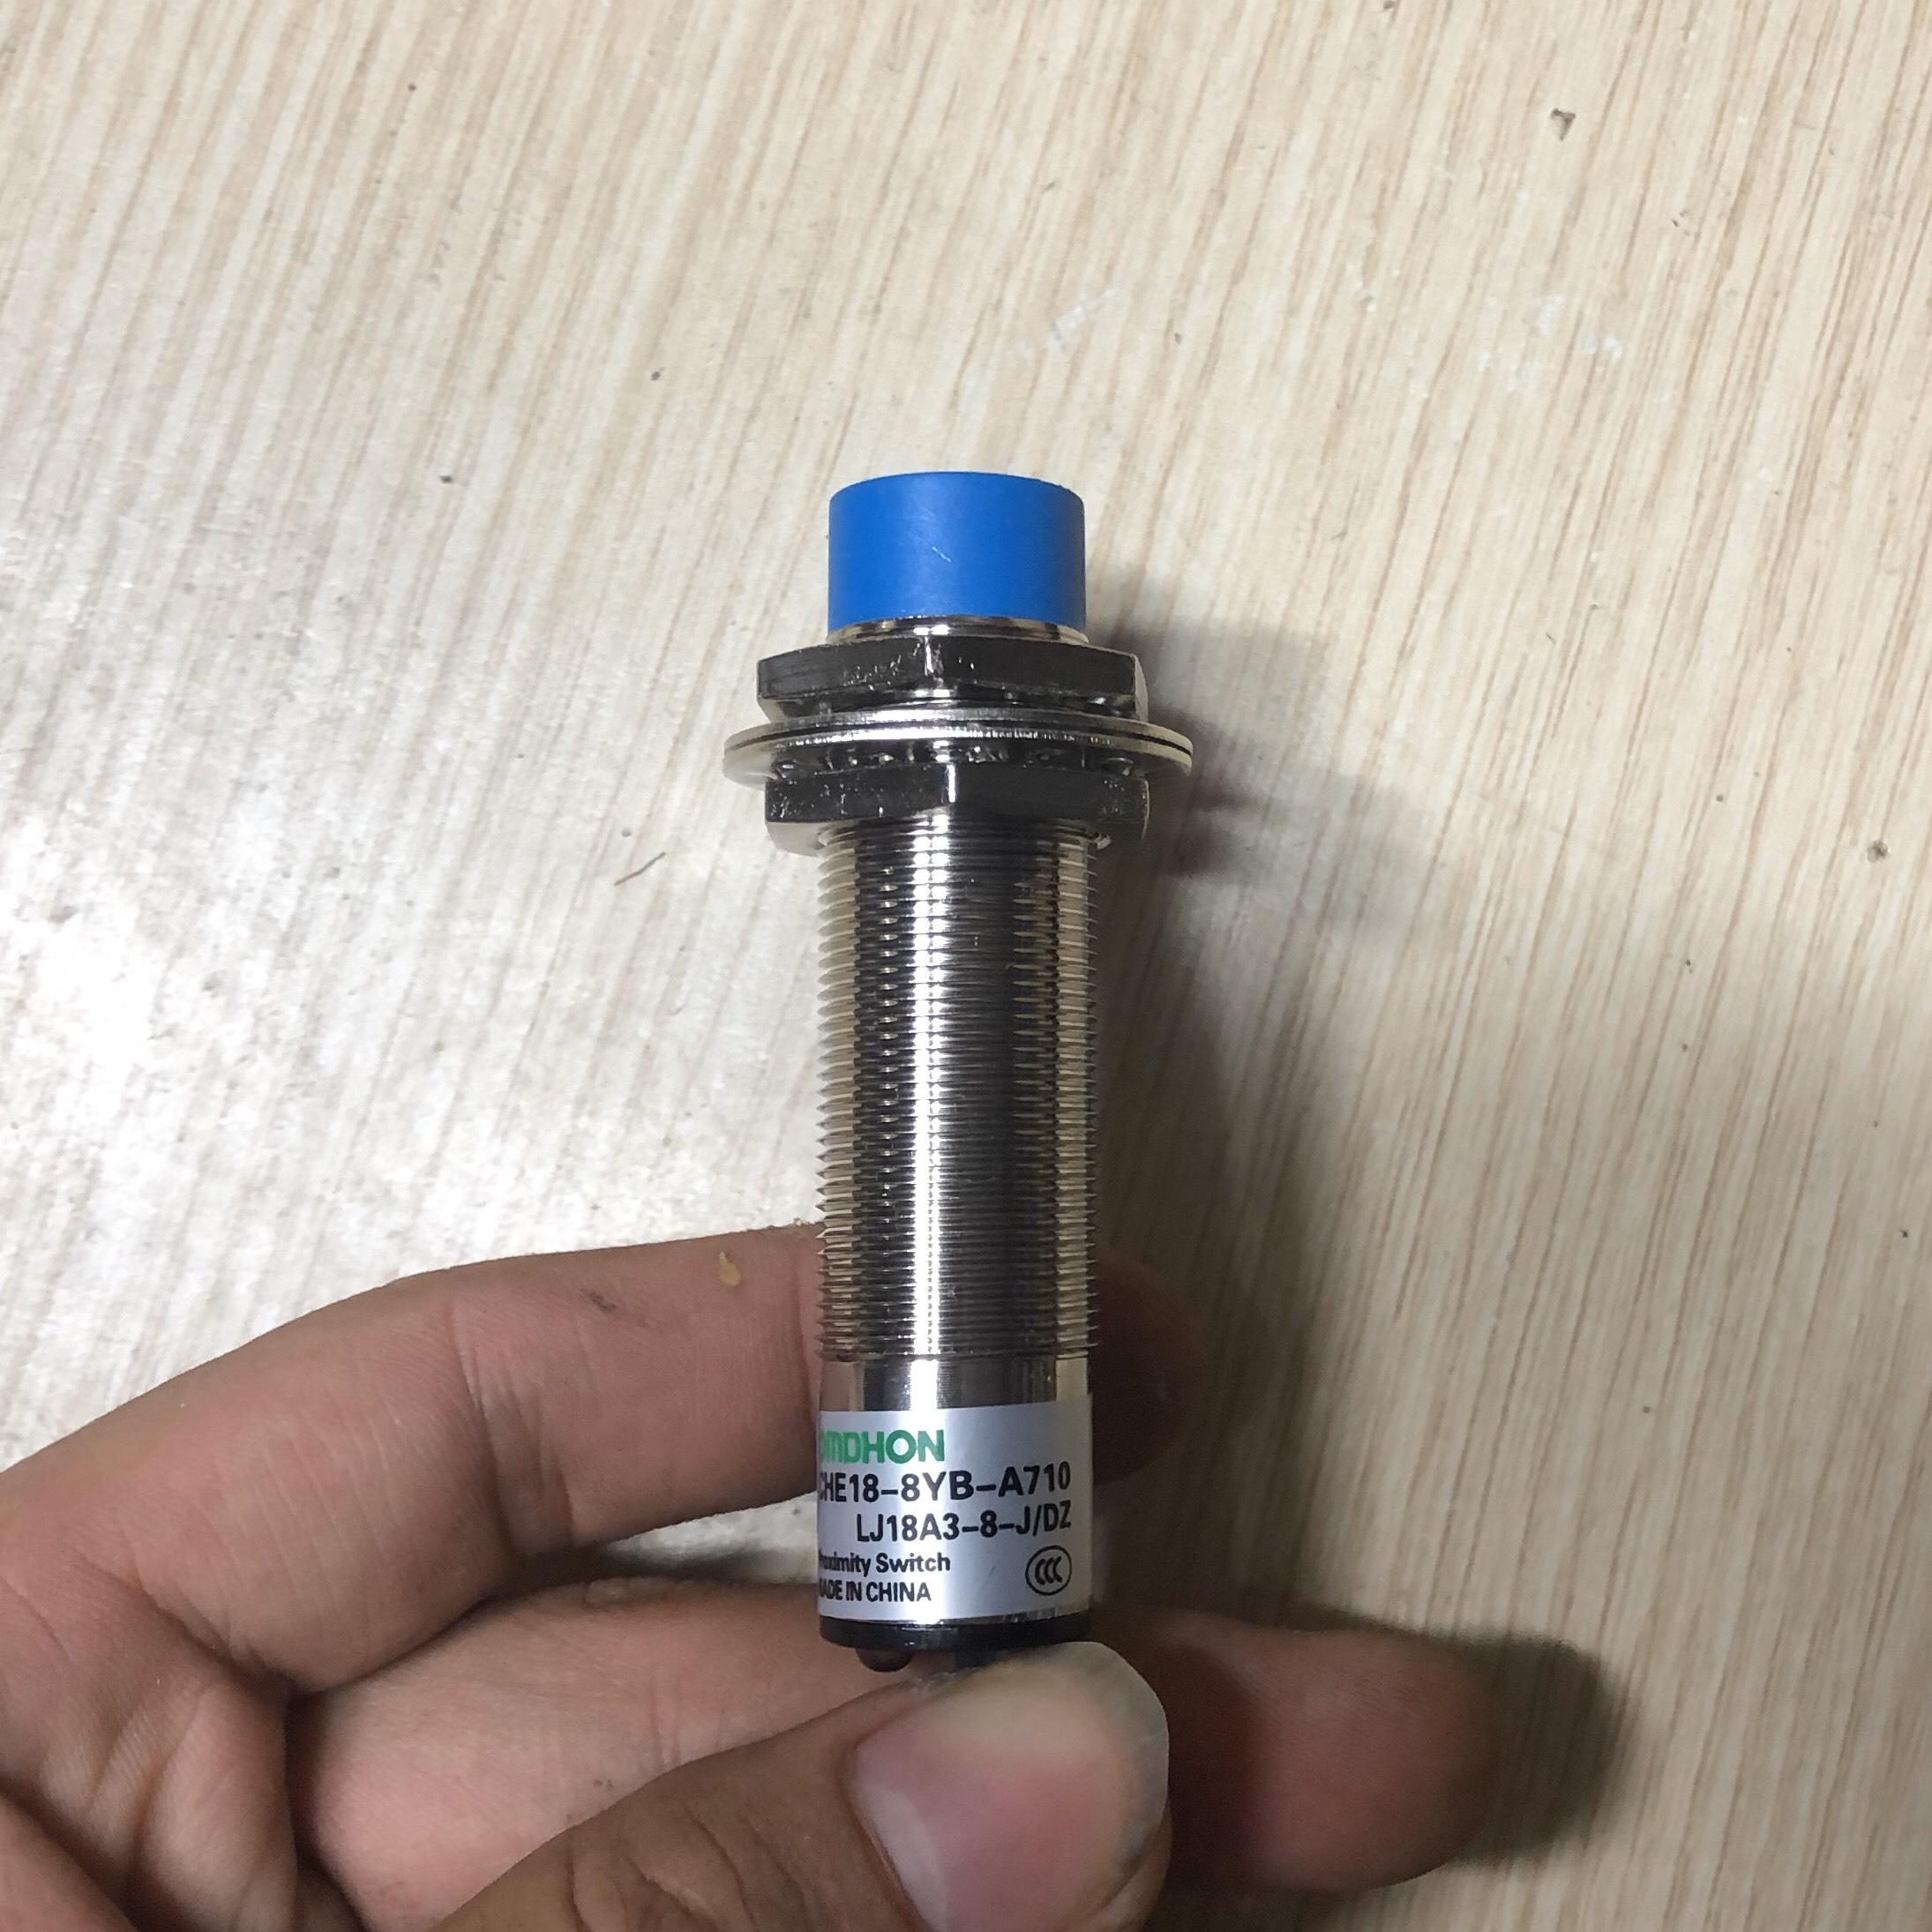 Cảm biến tiệm cận LJ18A3-8-J/DZ 220V AC thường đóng - K4H22